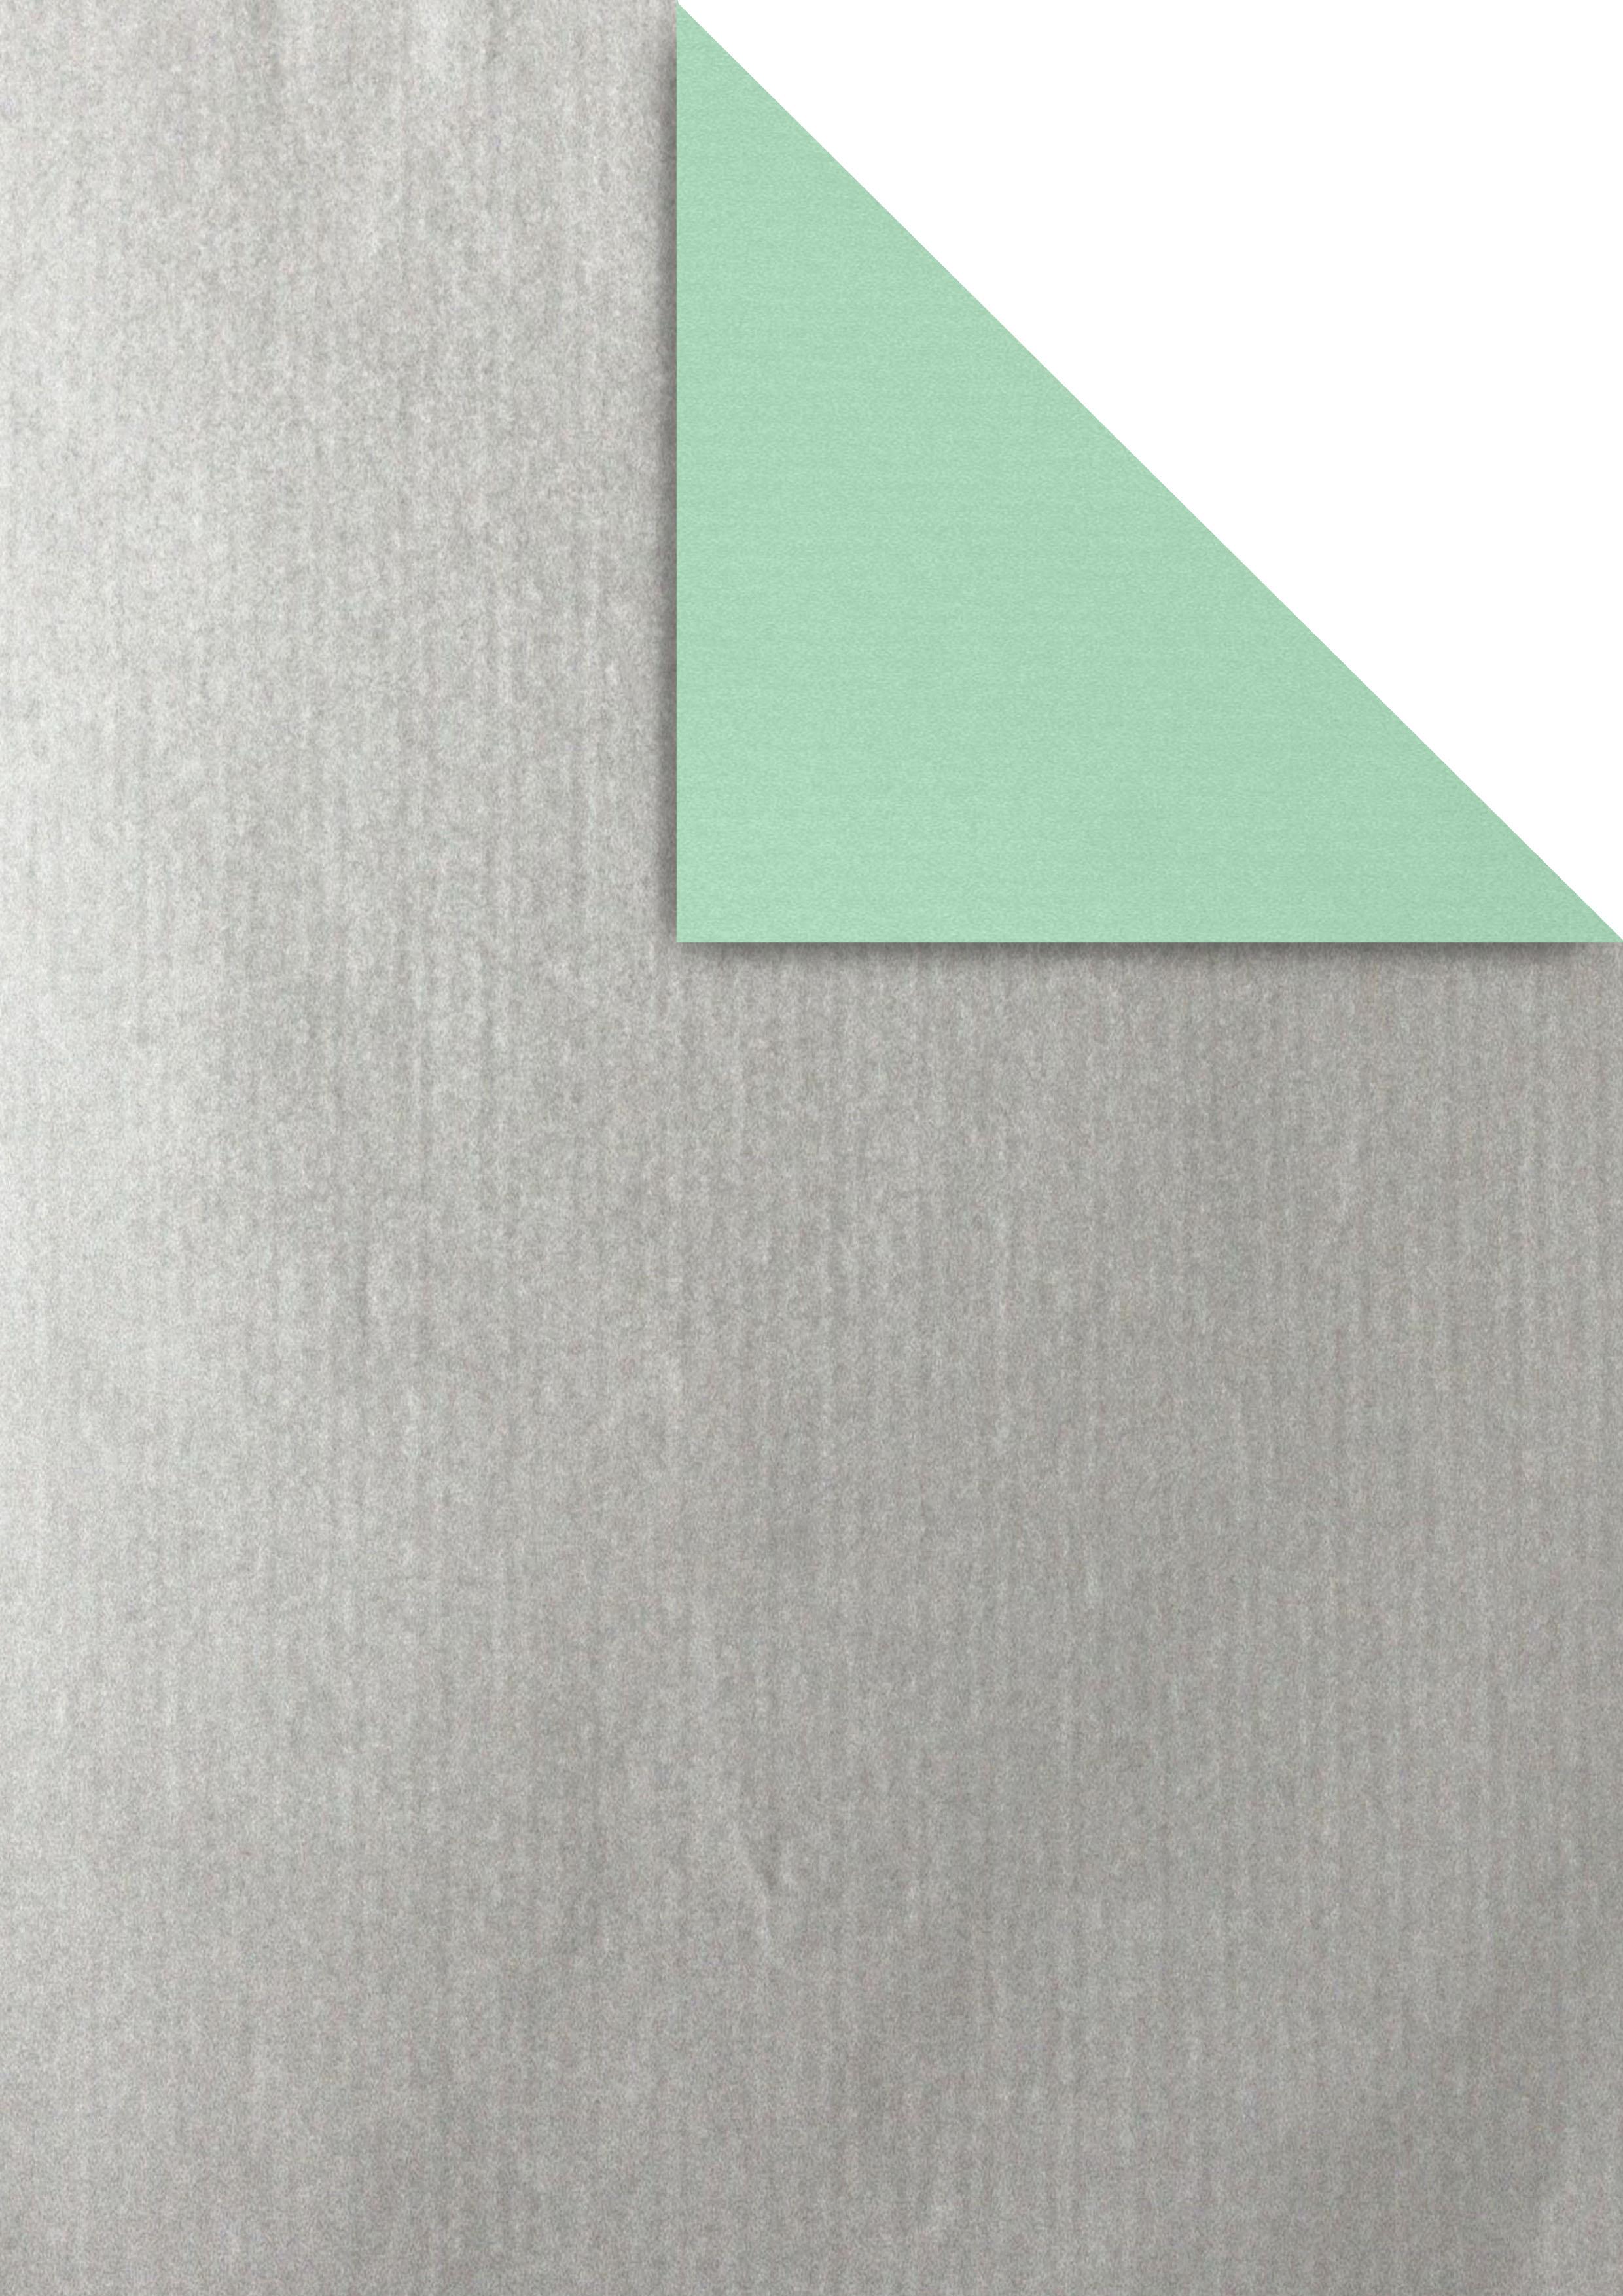 kraft blanc color doble cara plata aigua